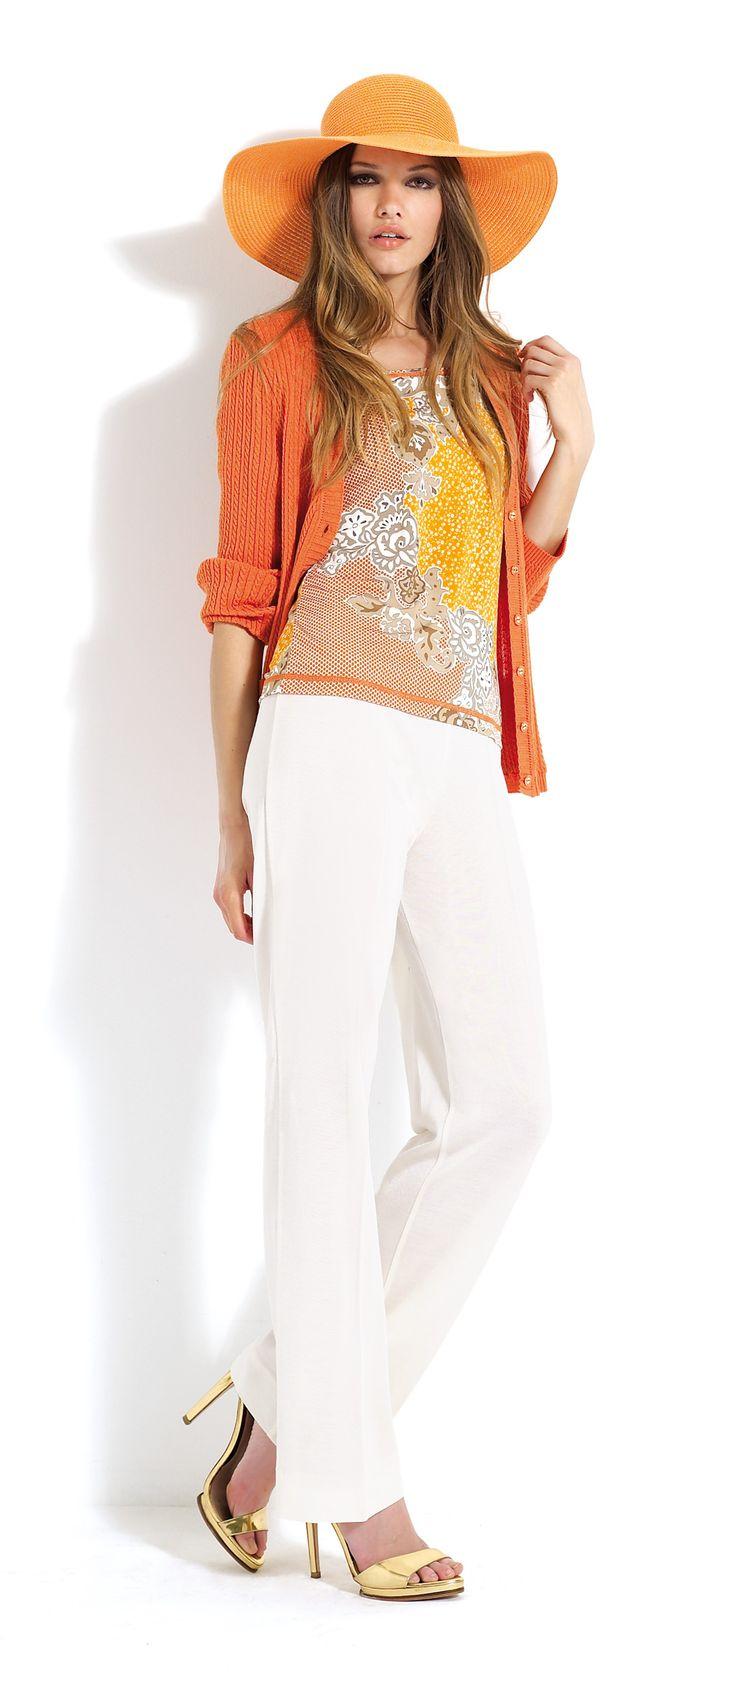 Pantalón blanco con blusa estampada y rebeca naranja a juego.   #trousers #white #orange #cardigan